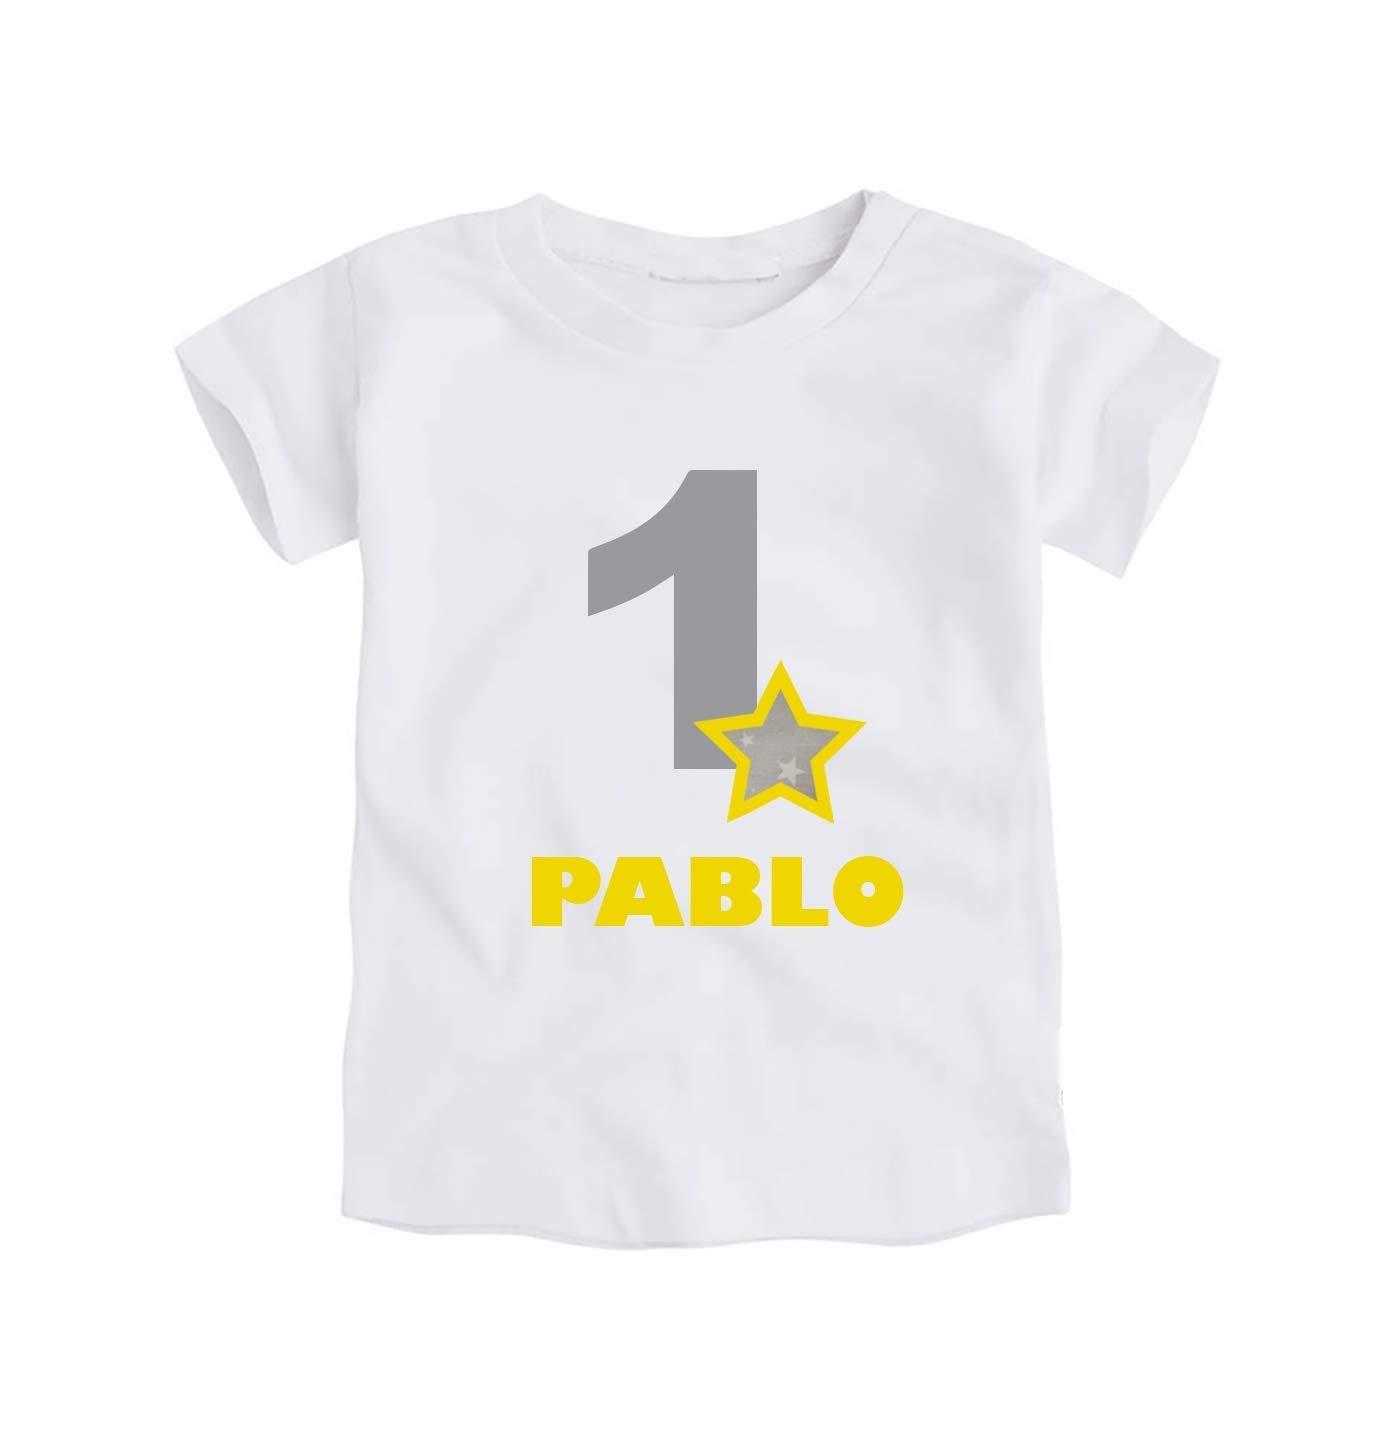 Camiseta o Body Primer Cumpleañ os 1 Añ o/Personalizado con el Nombre/para Bebes Unisex Niñ os Niñ as/Color Gris y Amarillo